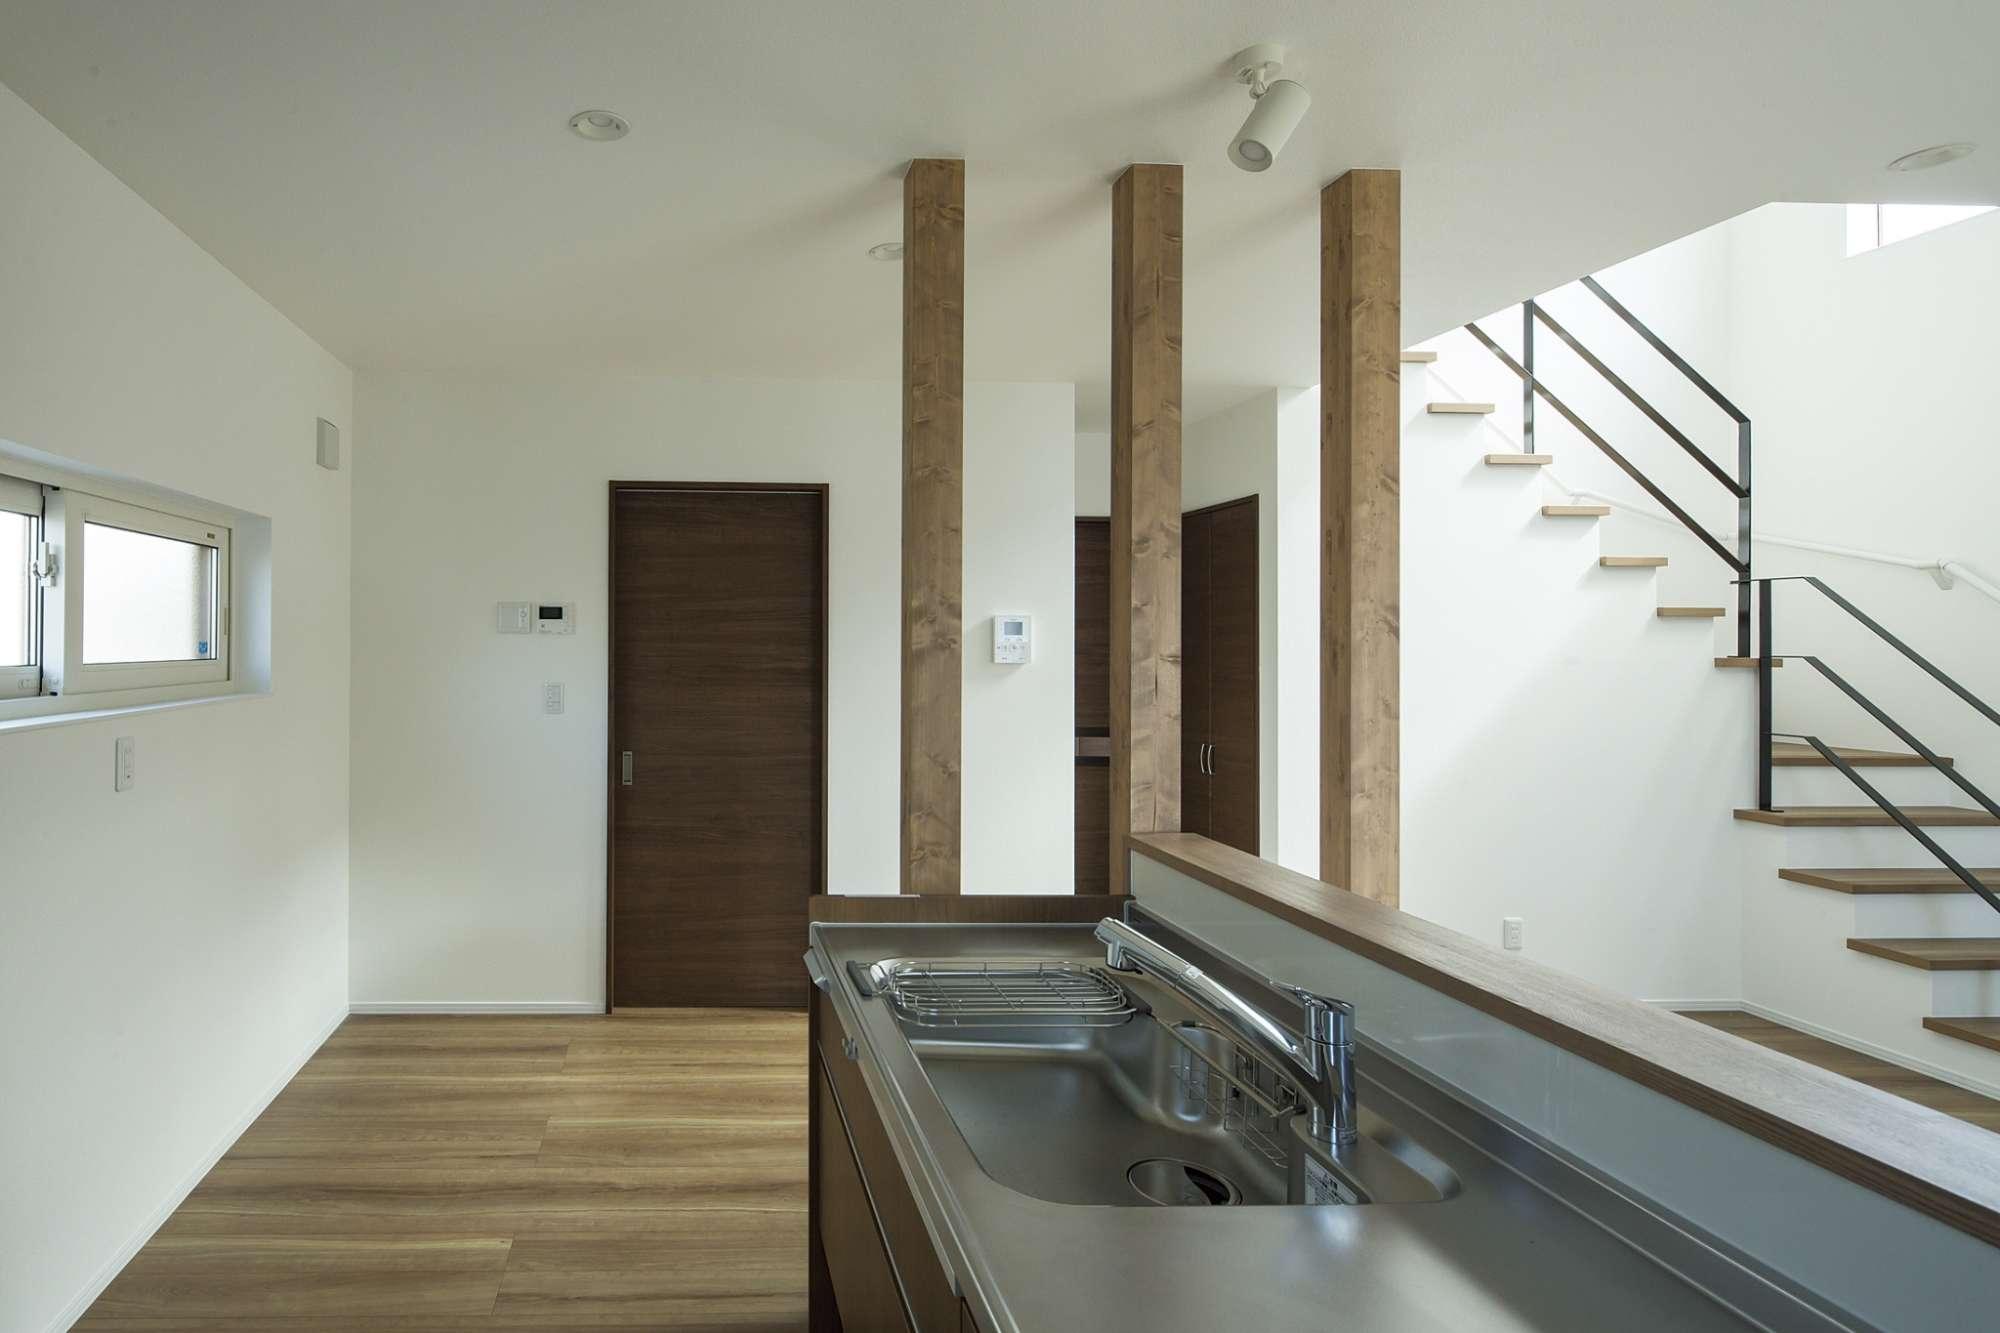 キッチンの横は3本の木材の柱がアクセント -  -  -